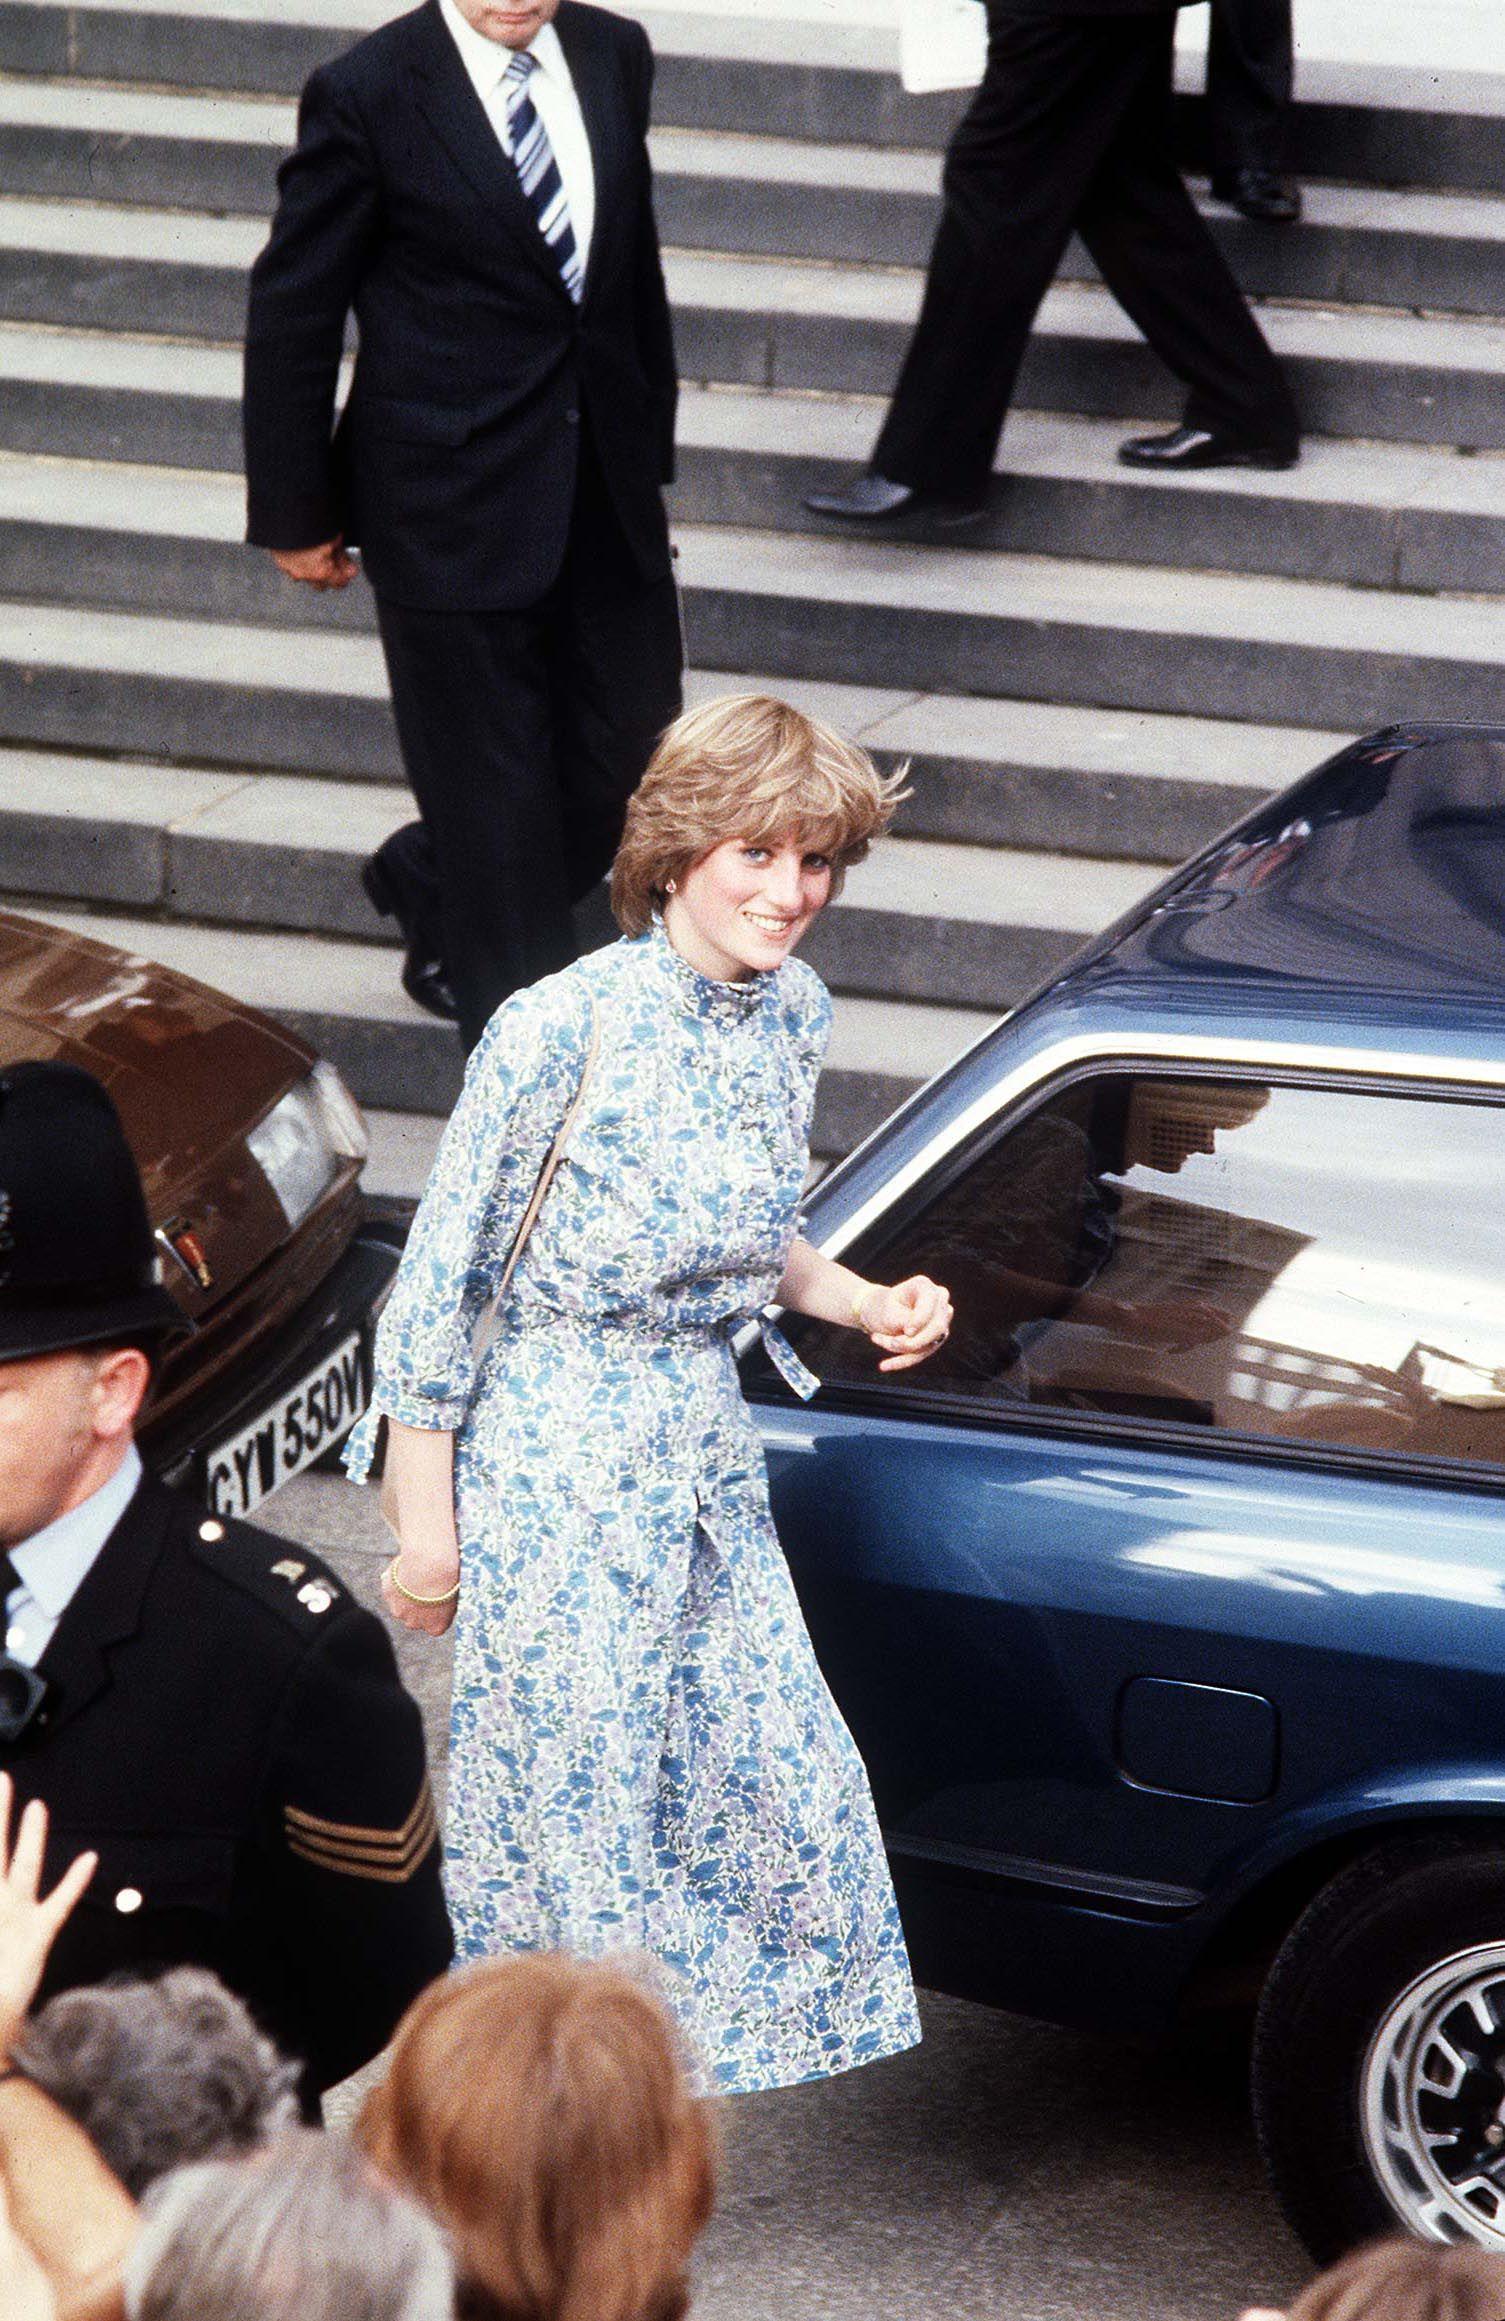 """Mốt """"bánh bèo"""" điệu chảy nước hóa ra đã có từ thời Công nương Diana - Ảnh 6."""